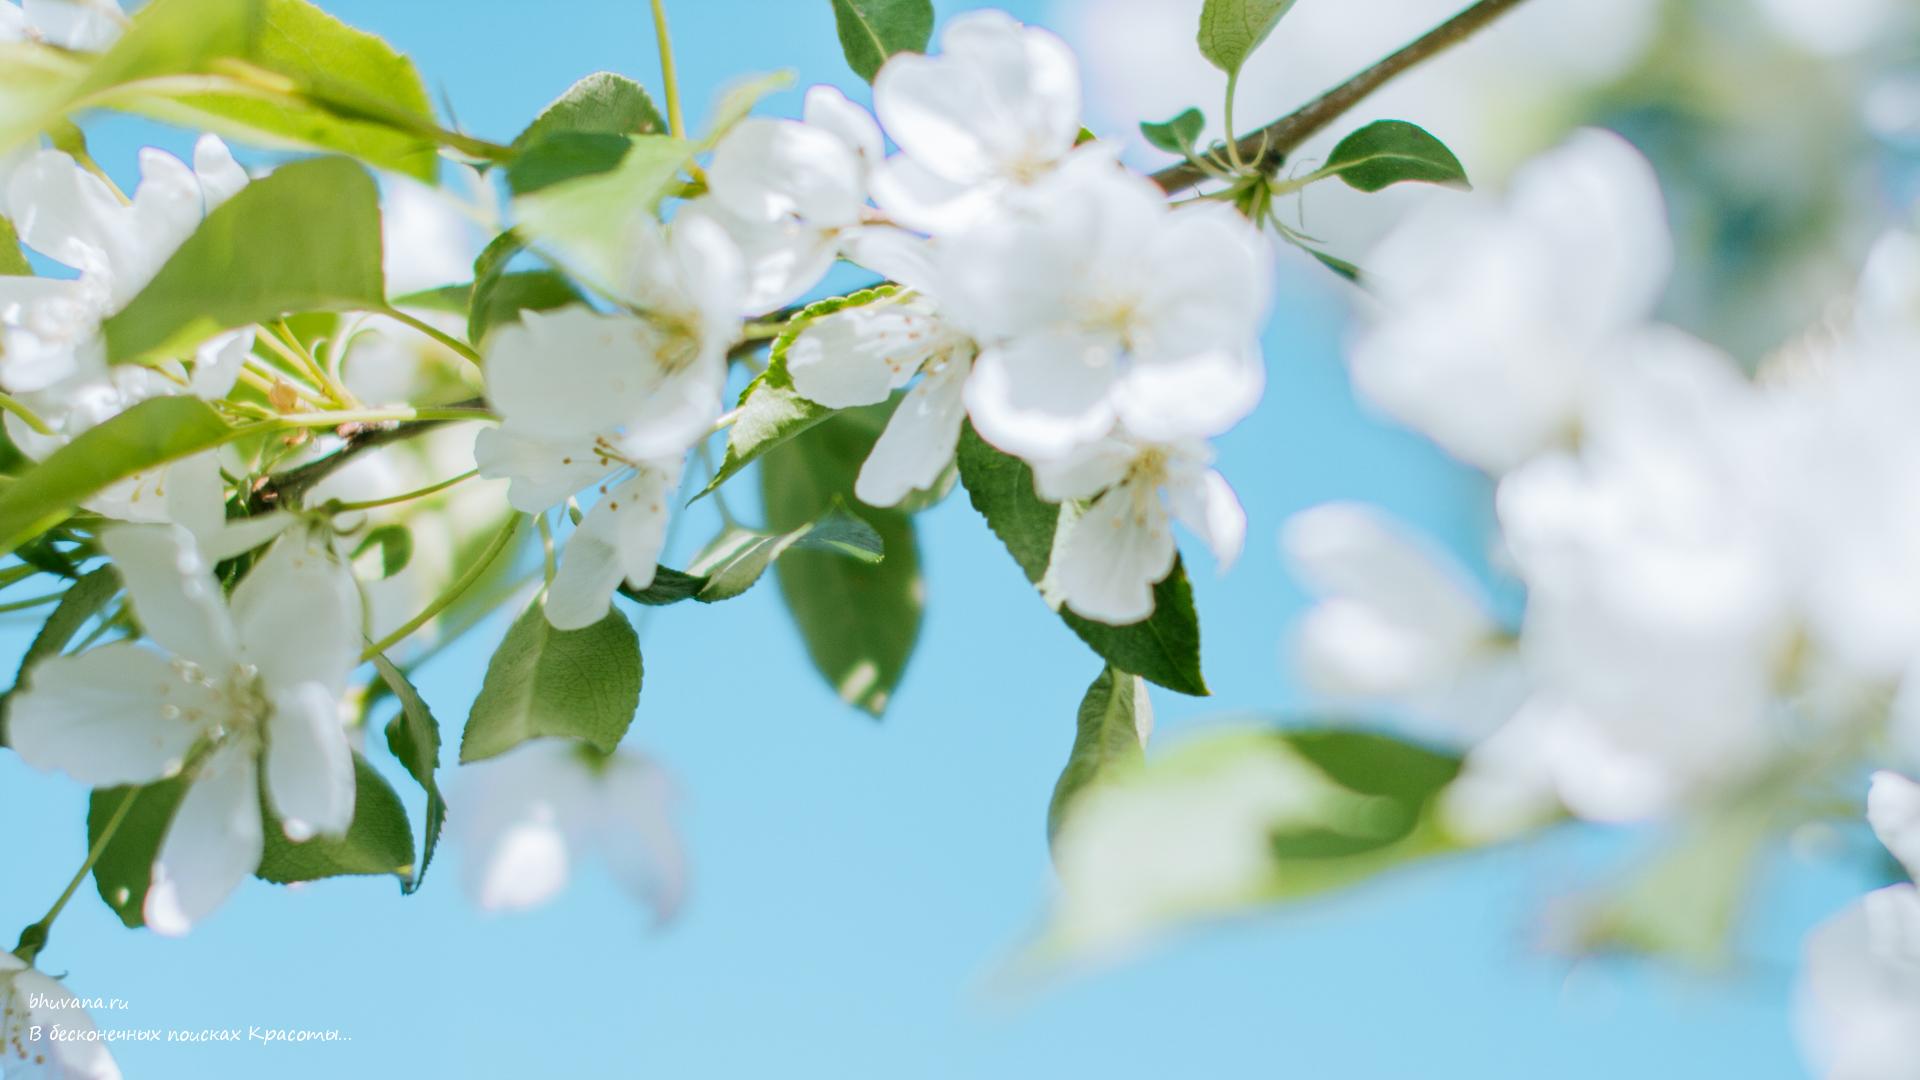 применяется картинки весна на рабочий стол начальная готовая